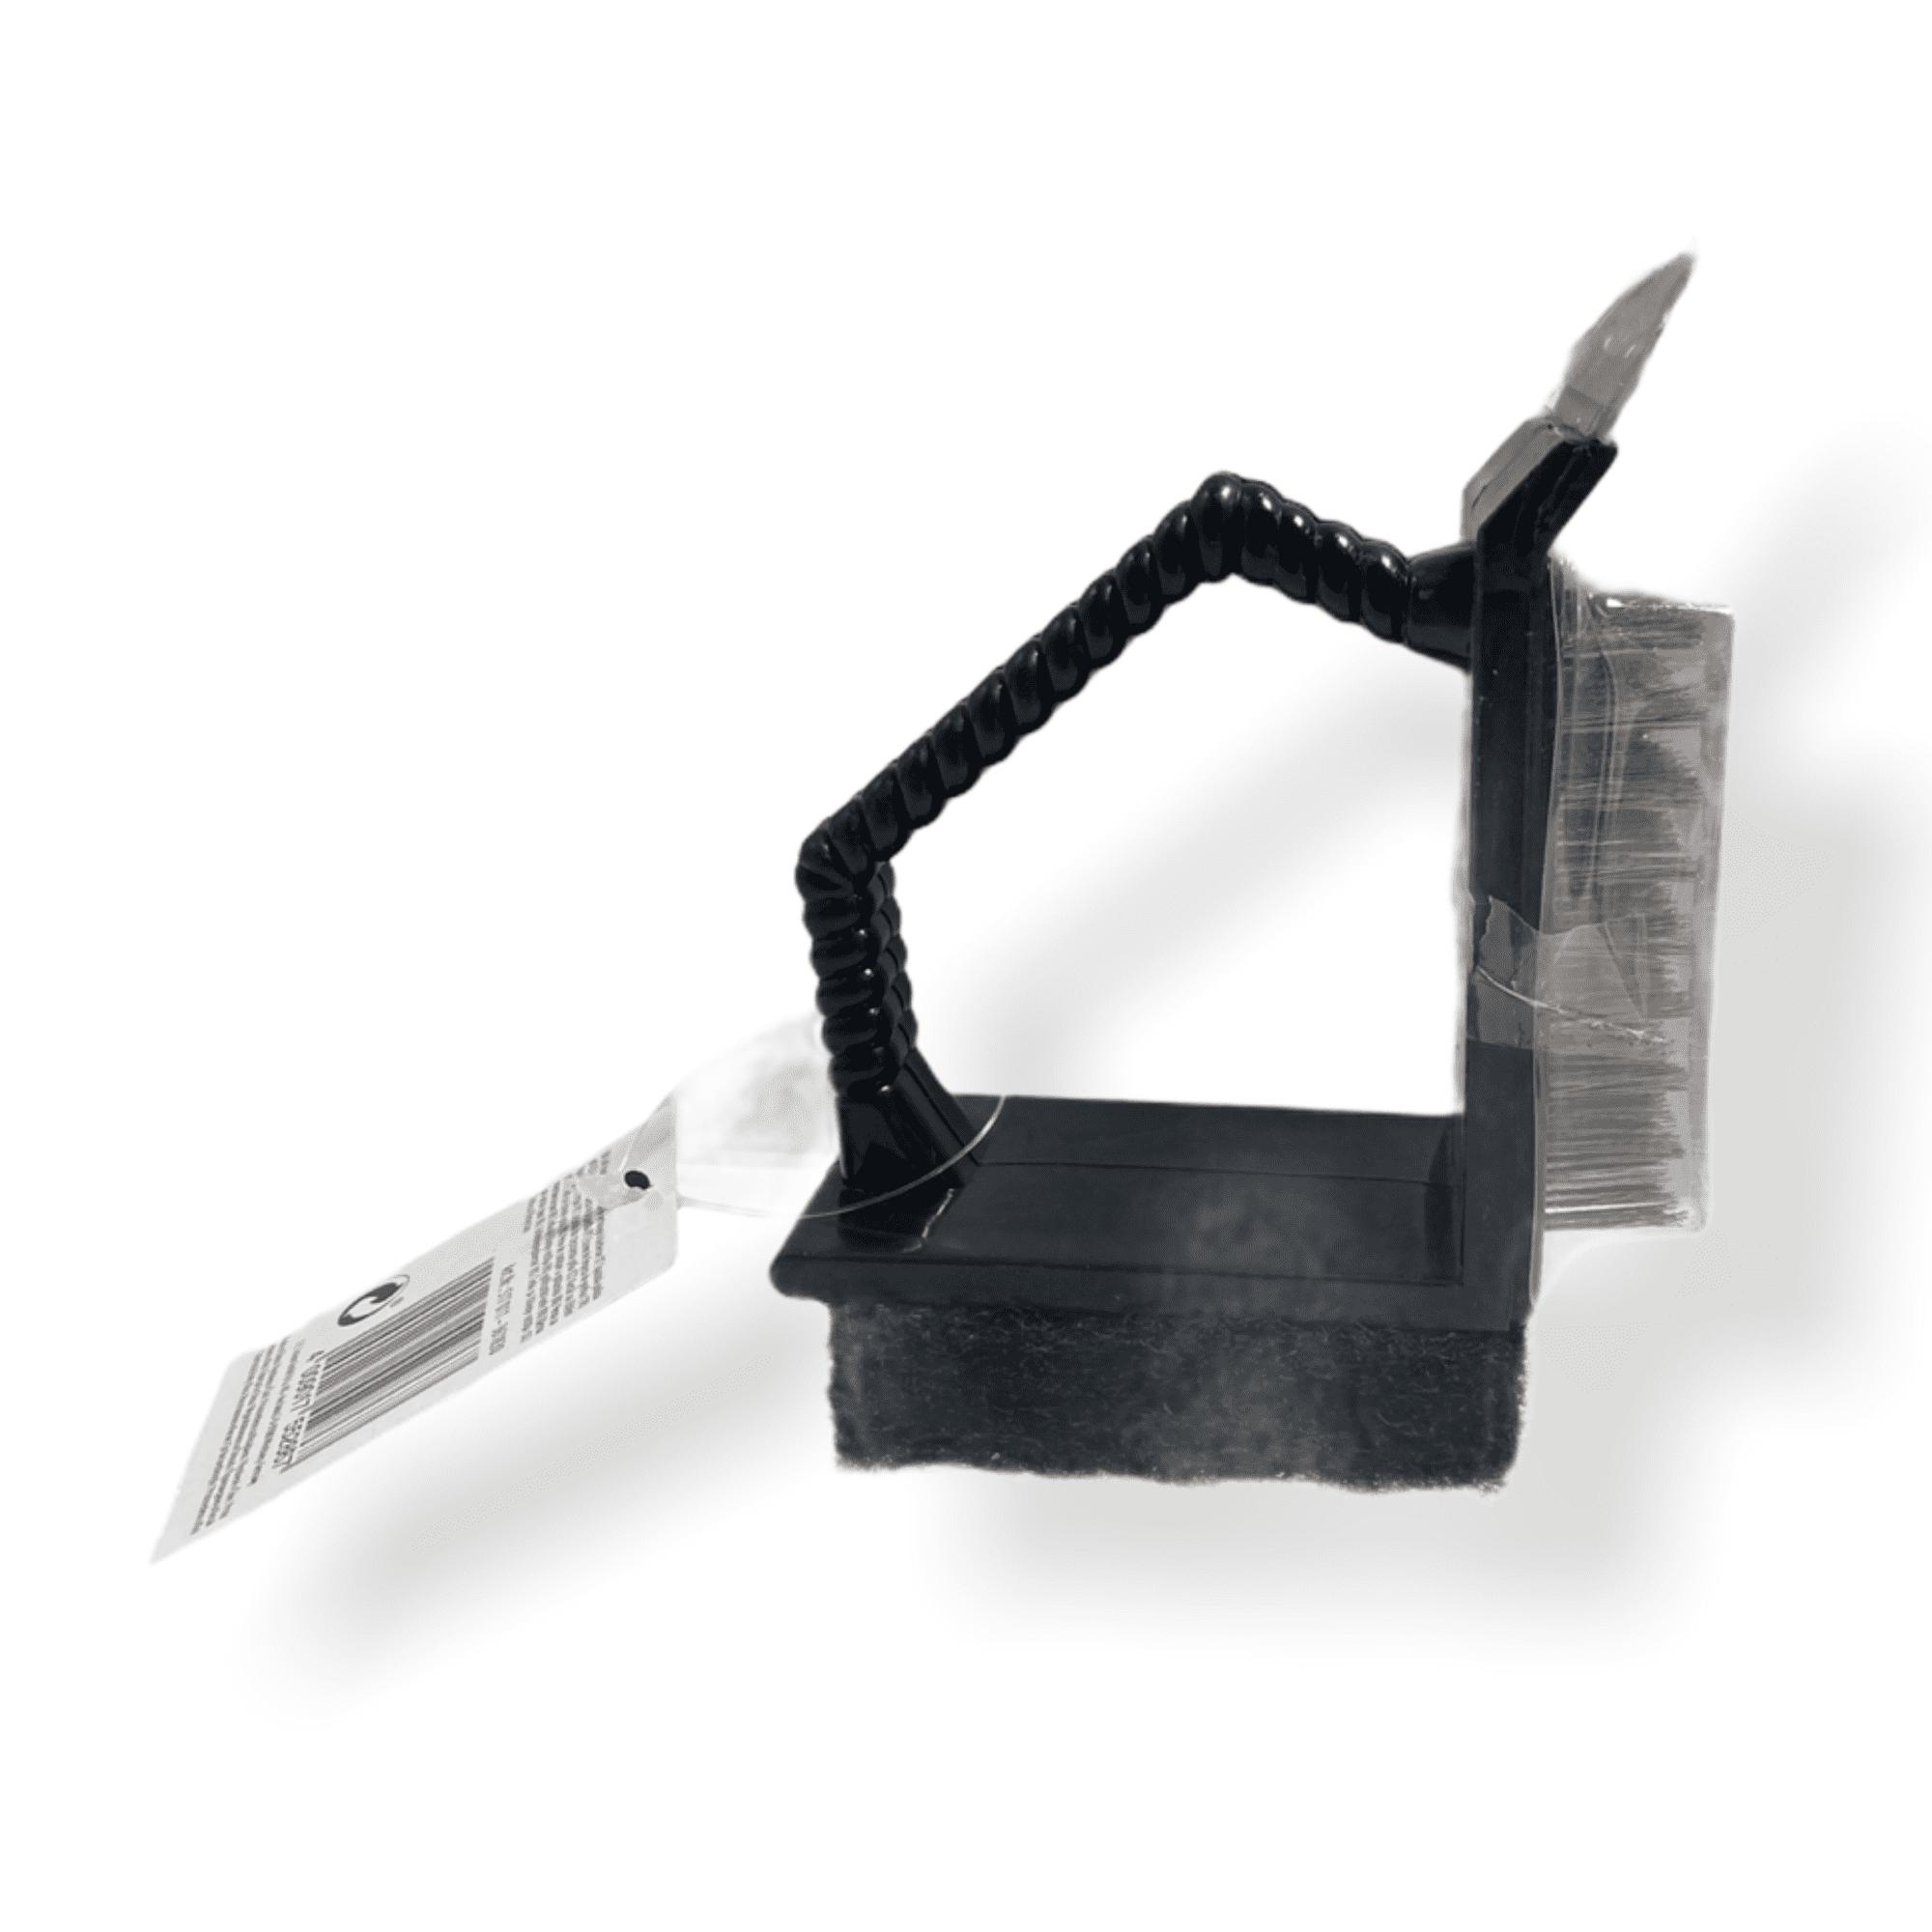 Grillbürste 3in1